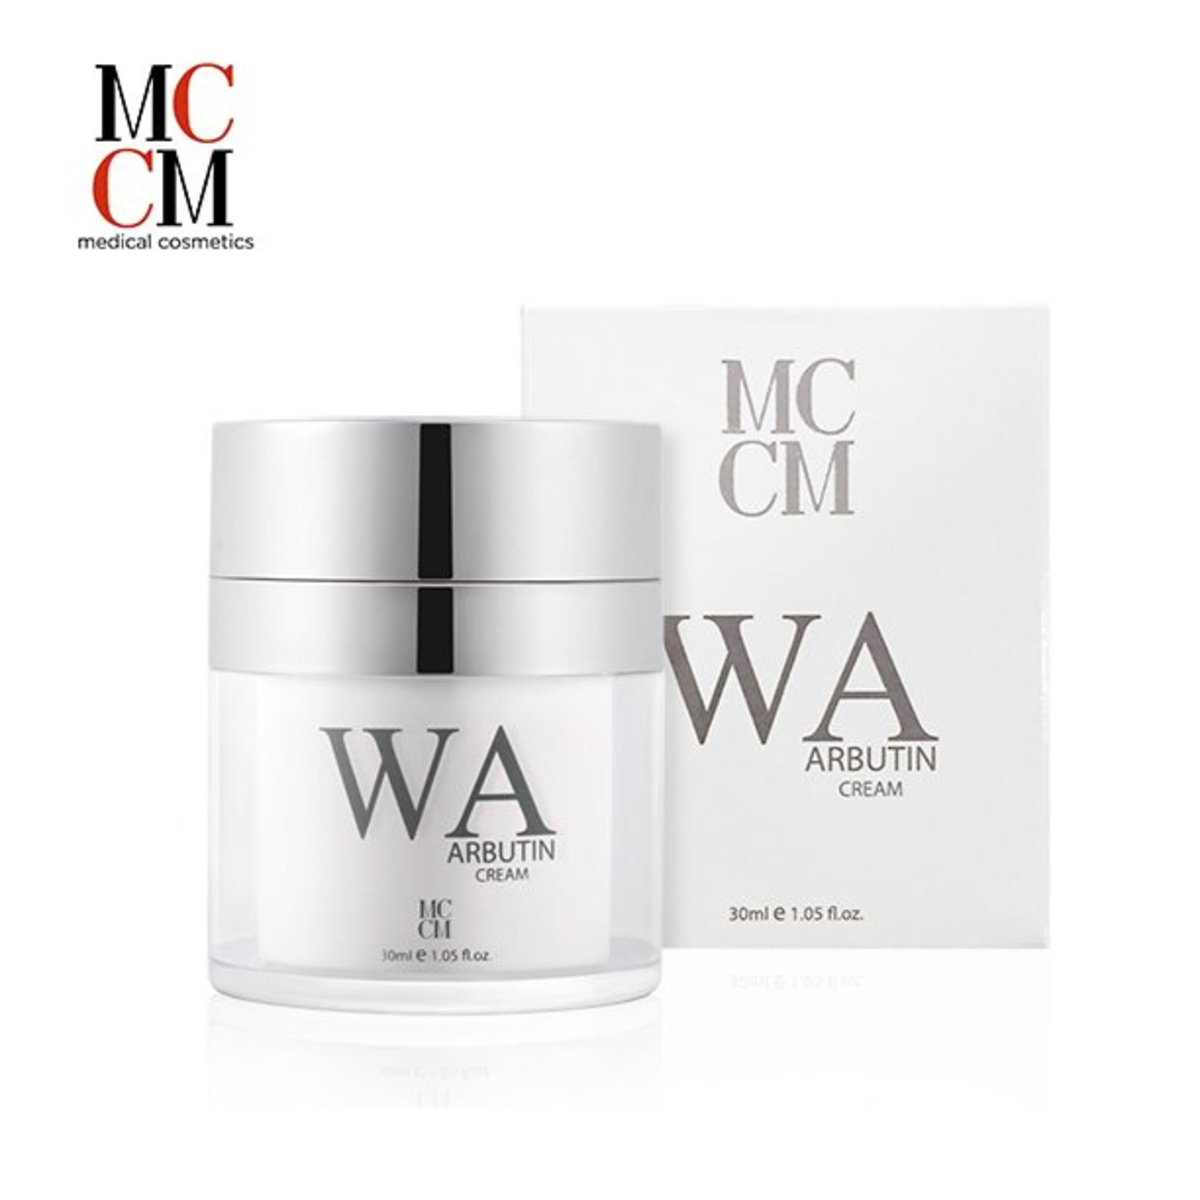 (SPAIN) WA Arbutine Cream 30ml - Whitening Cream